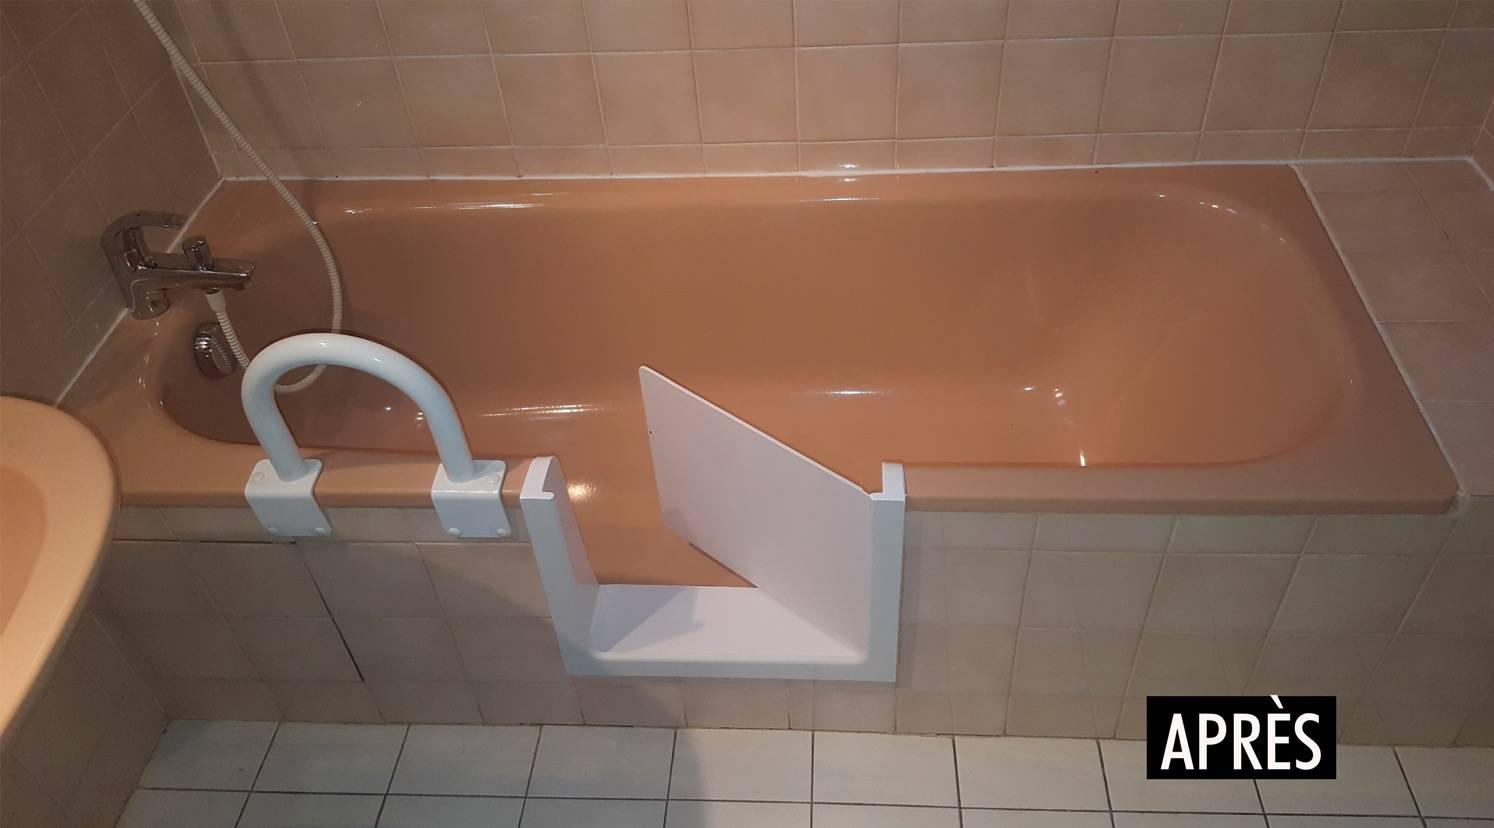 Poser Une Baignoire Avec Rebord baignoire a porte bastia - renovbain